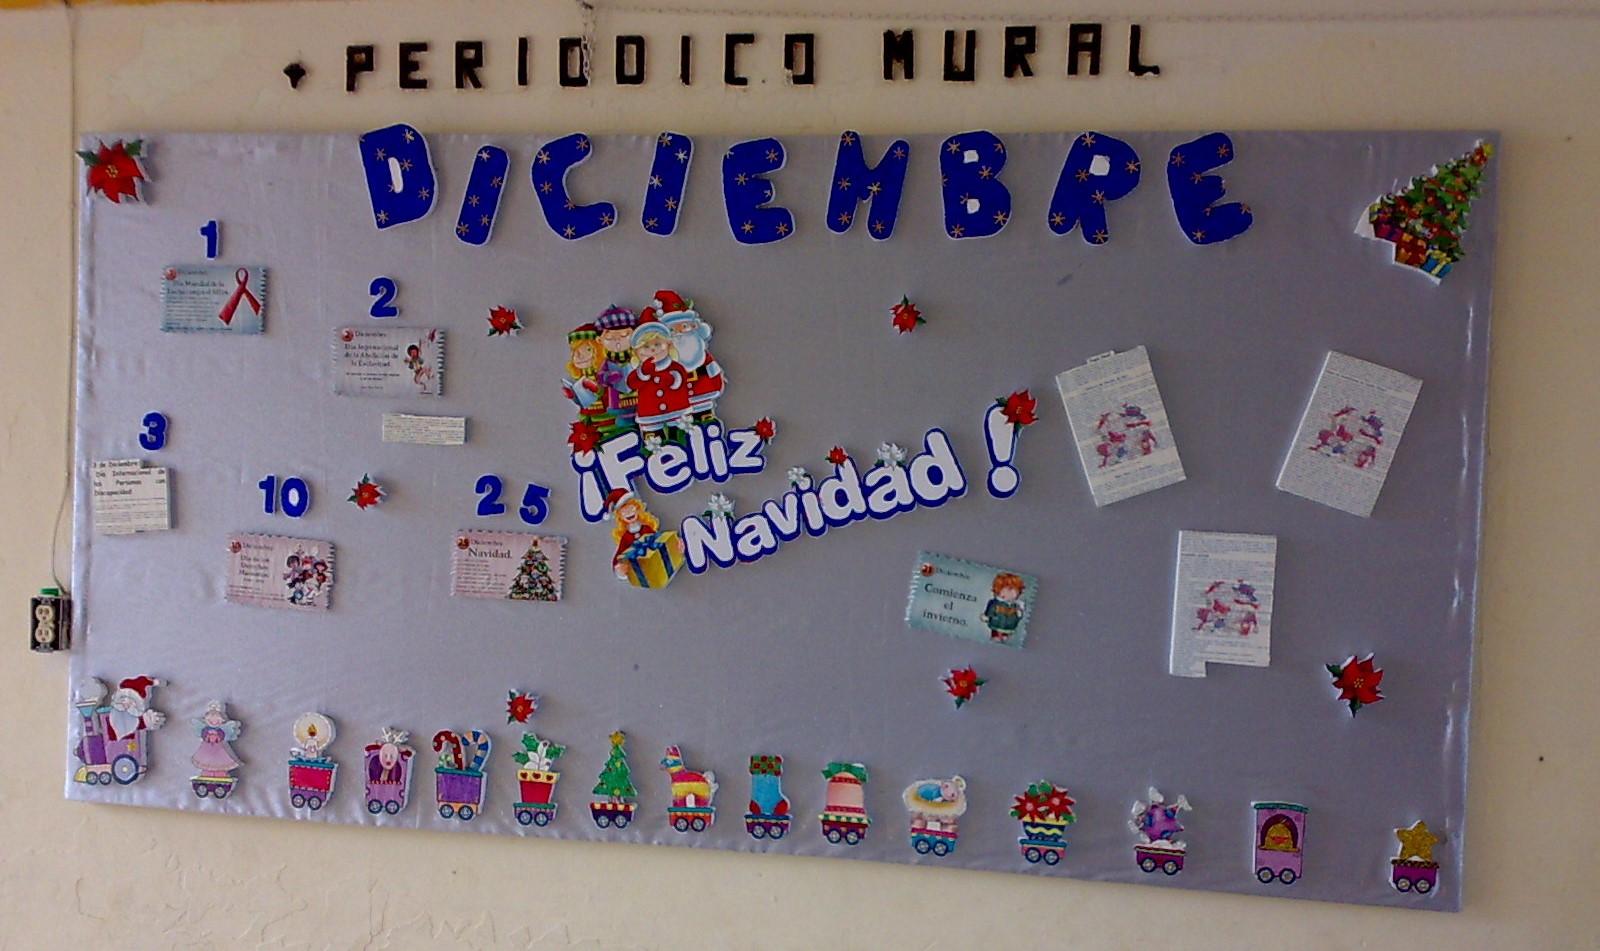 Periodico mural diciembre 3 imagenes educativas for Como elaborar un periodico mural